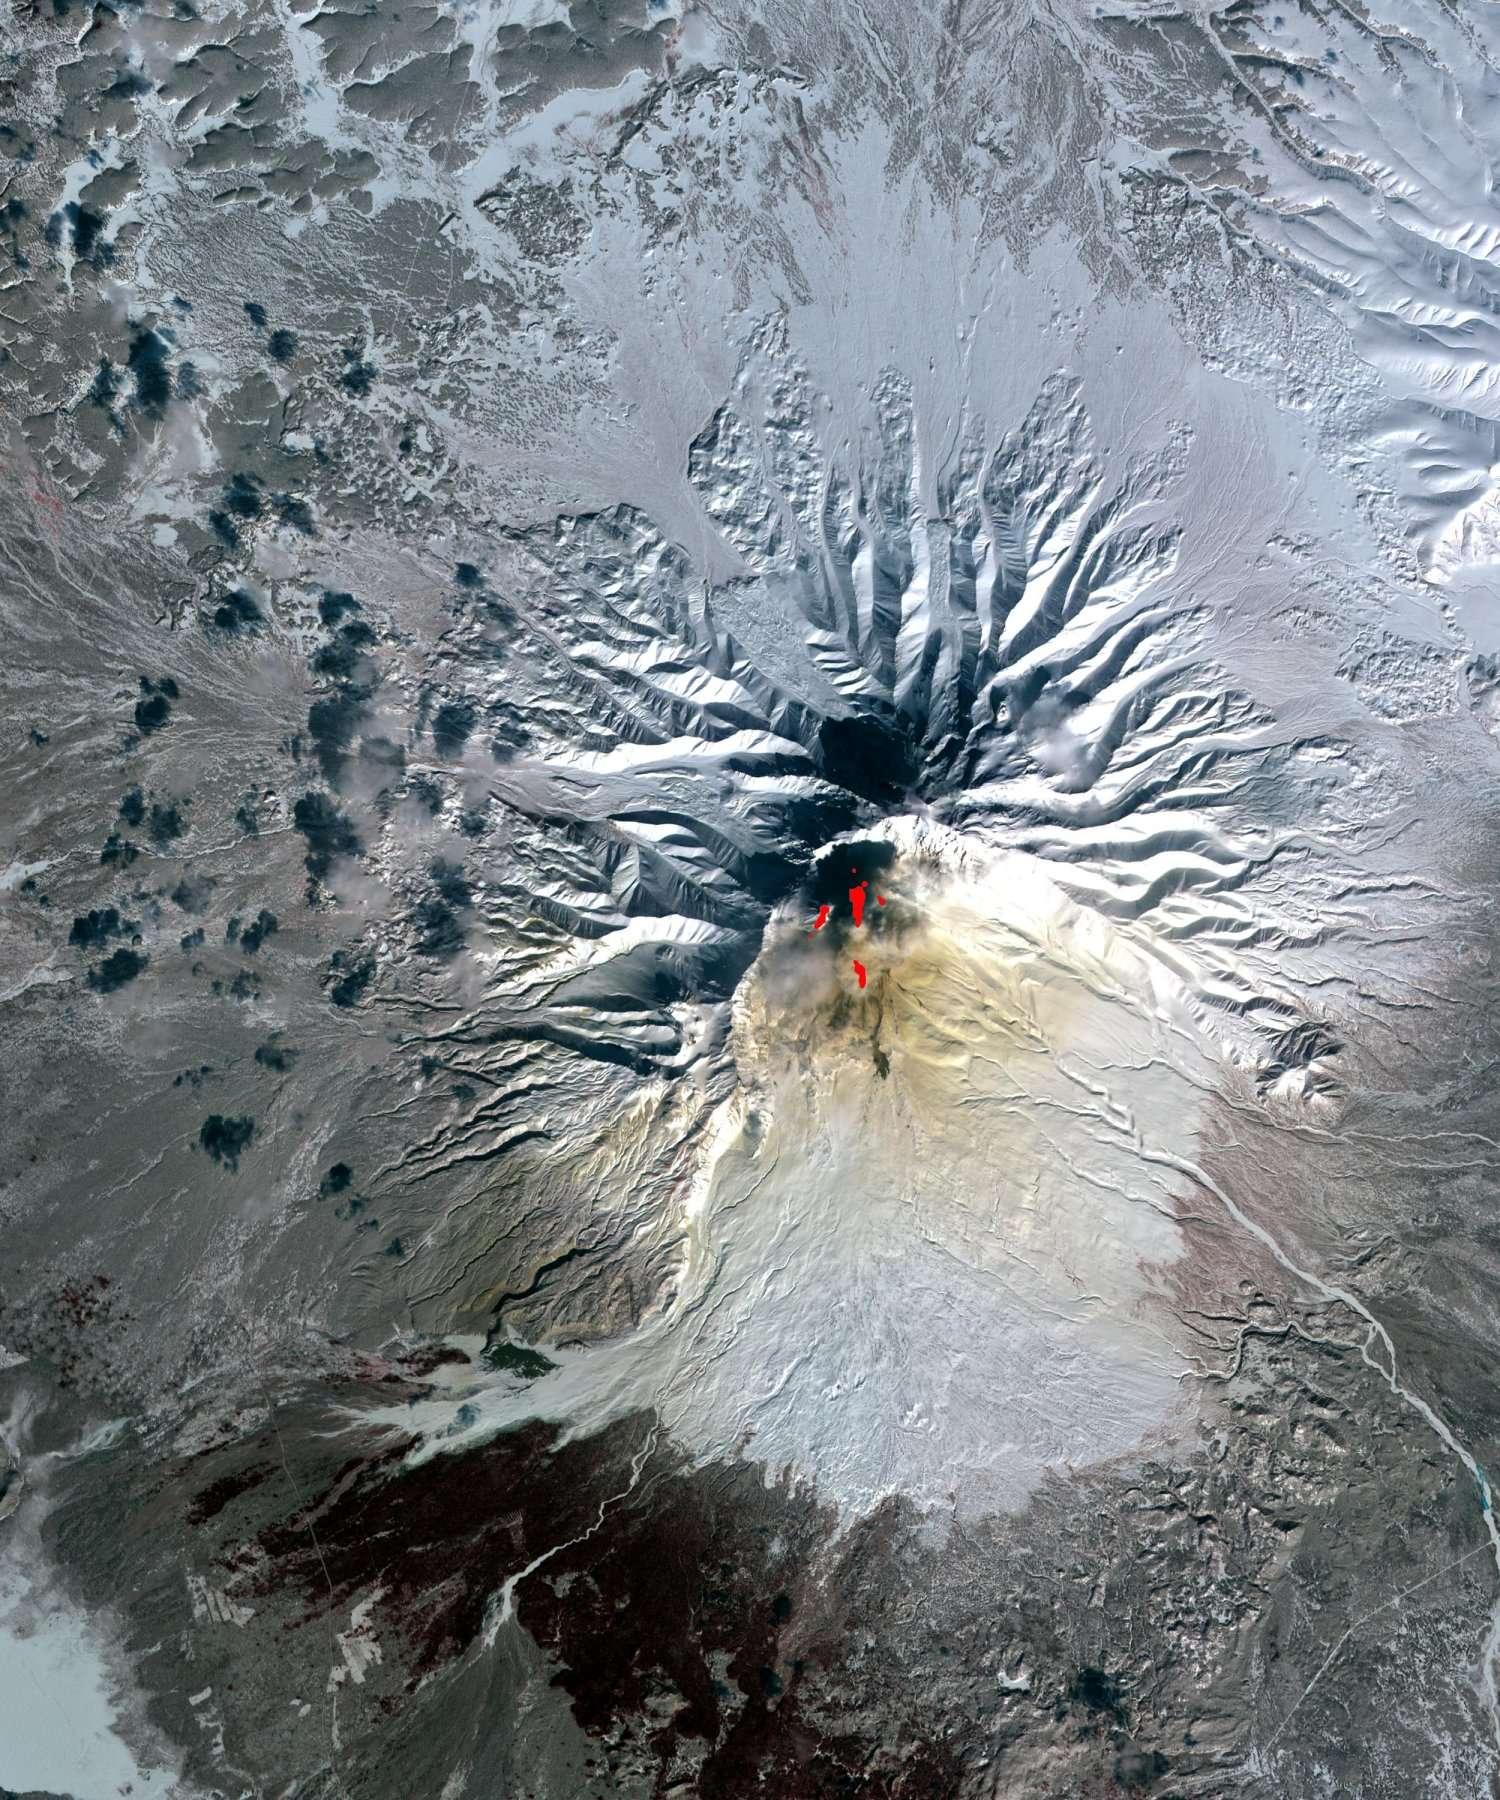 Le Chiveloutch (ou Cheveloutch), un autre volcan du Kamtchatka actuellement en éruption, ici vu sur une image composite réalisée à partir des mesures de l'instrument Aster, sur le satellite Terra. L'image date de 2010 et couvre 21,2 km par 17,7 km. Elle montre l'émission de vapeur et de cendres, ainsi que les zones du sol plus chaudes. © Nasa, GSFC, Meti, Japan Space Systems, U.S.-Japan Aster Science Team